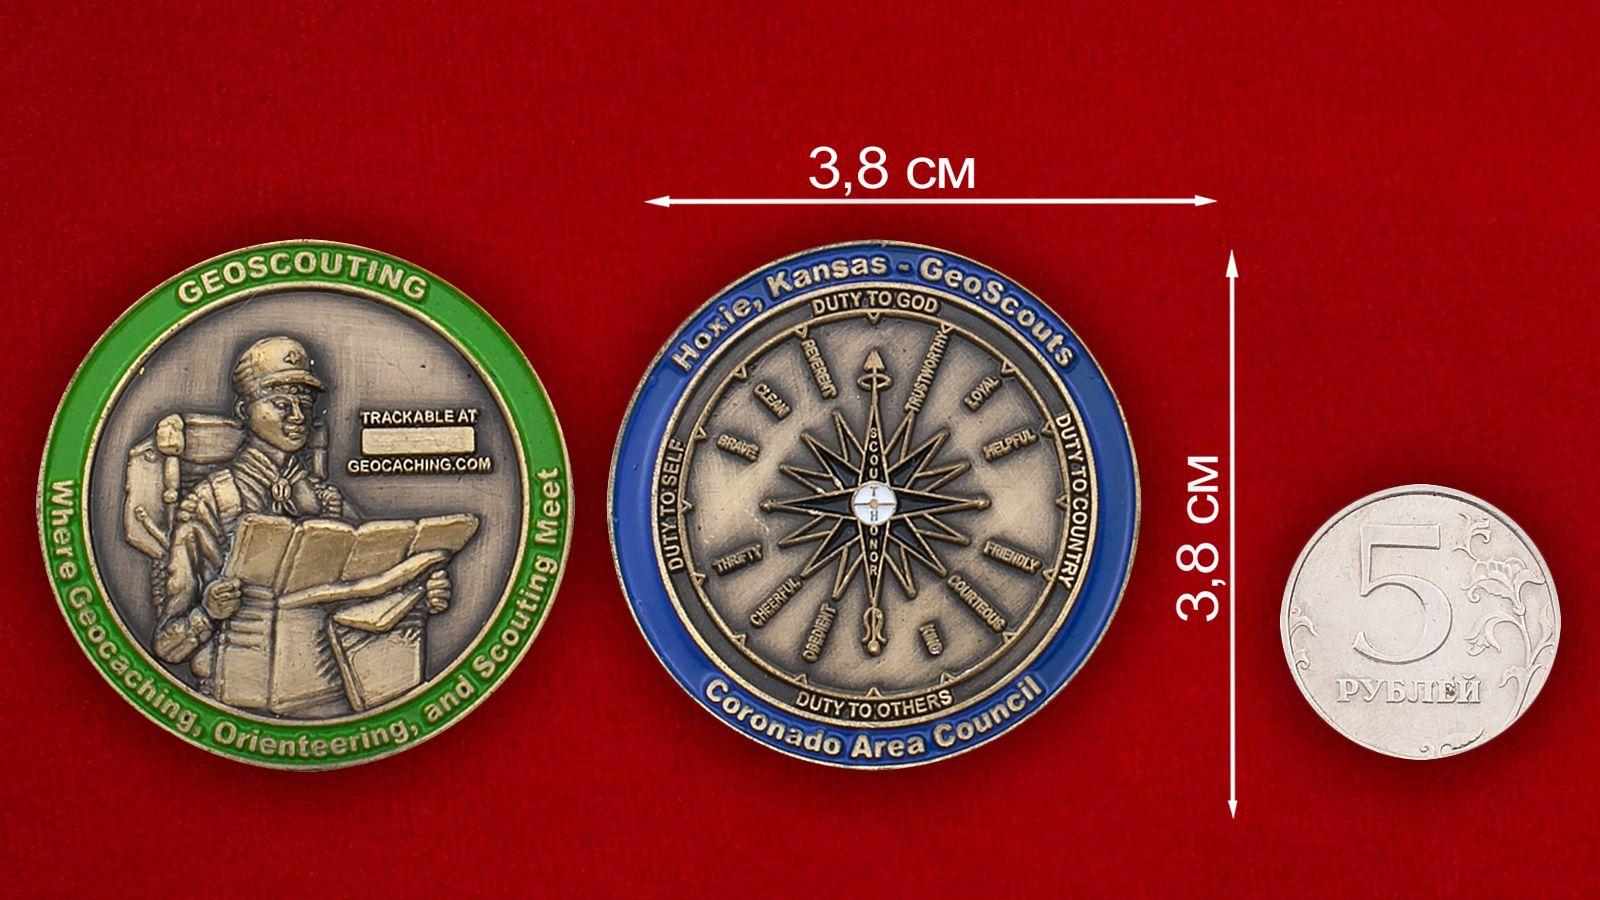 Челлендж коин любителей Геокэшинга - сравнительный размер